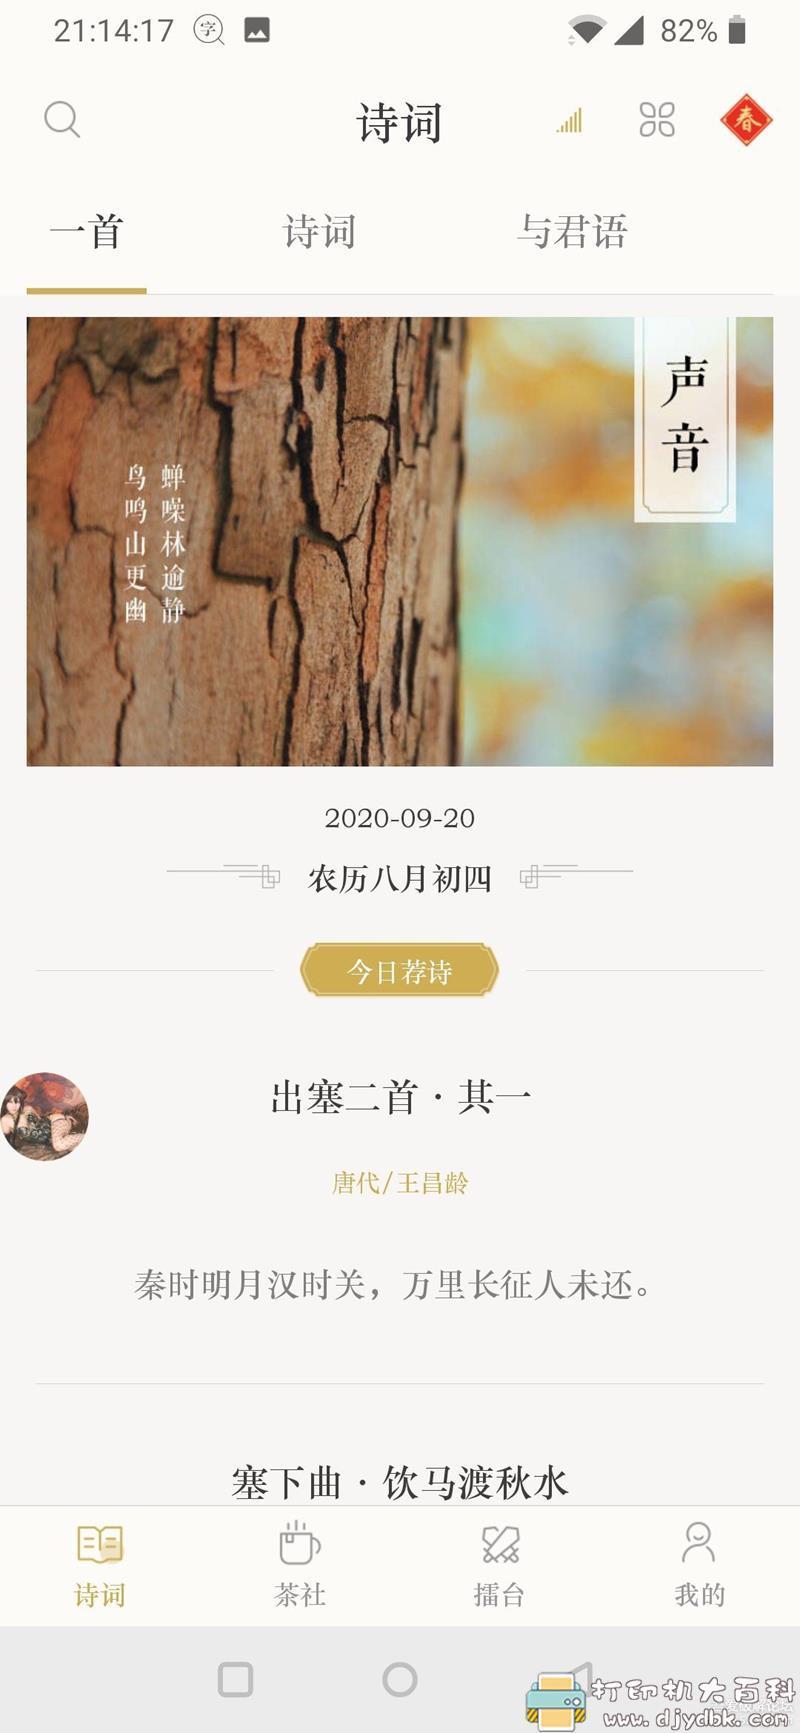 [Android]古诗词典 3.5.6,学生党学诗词辅助工具 配图 No.5